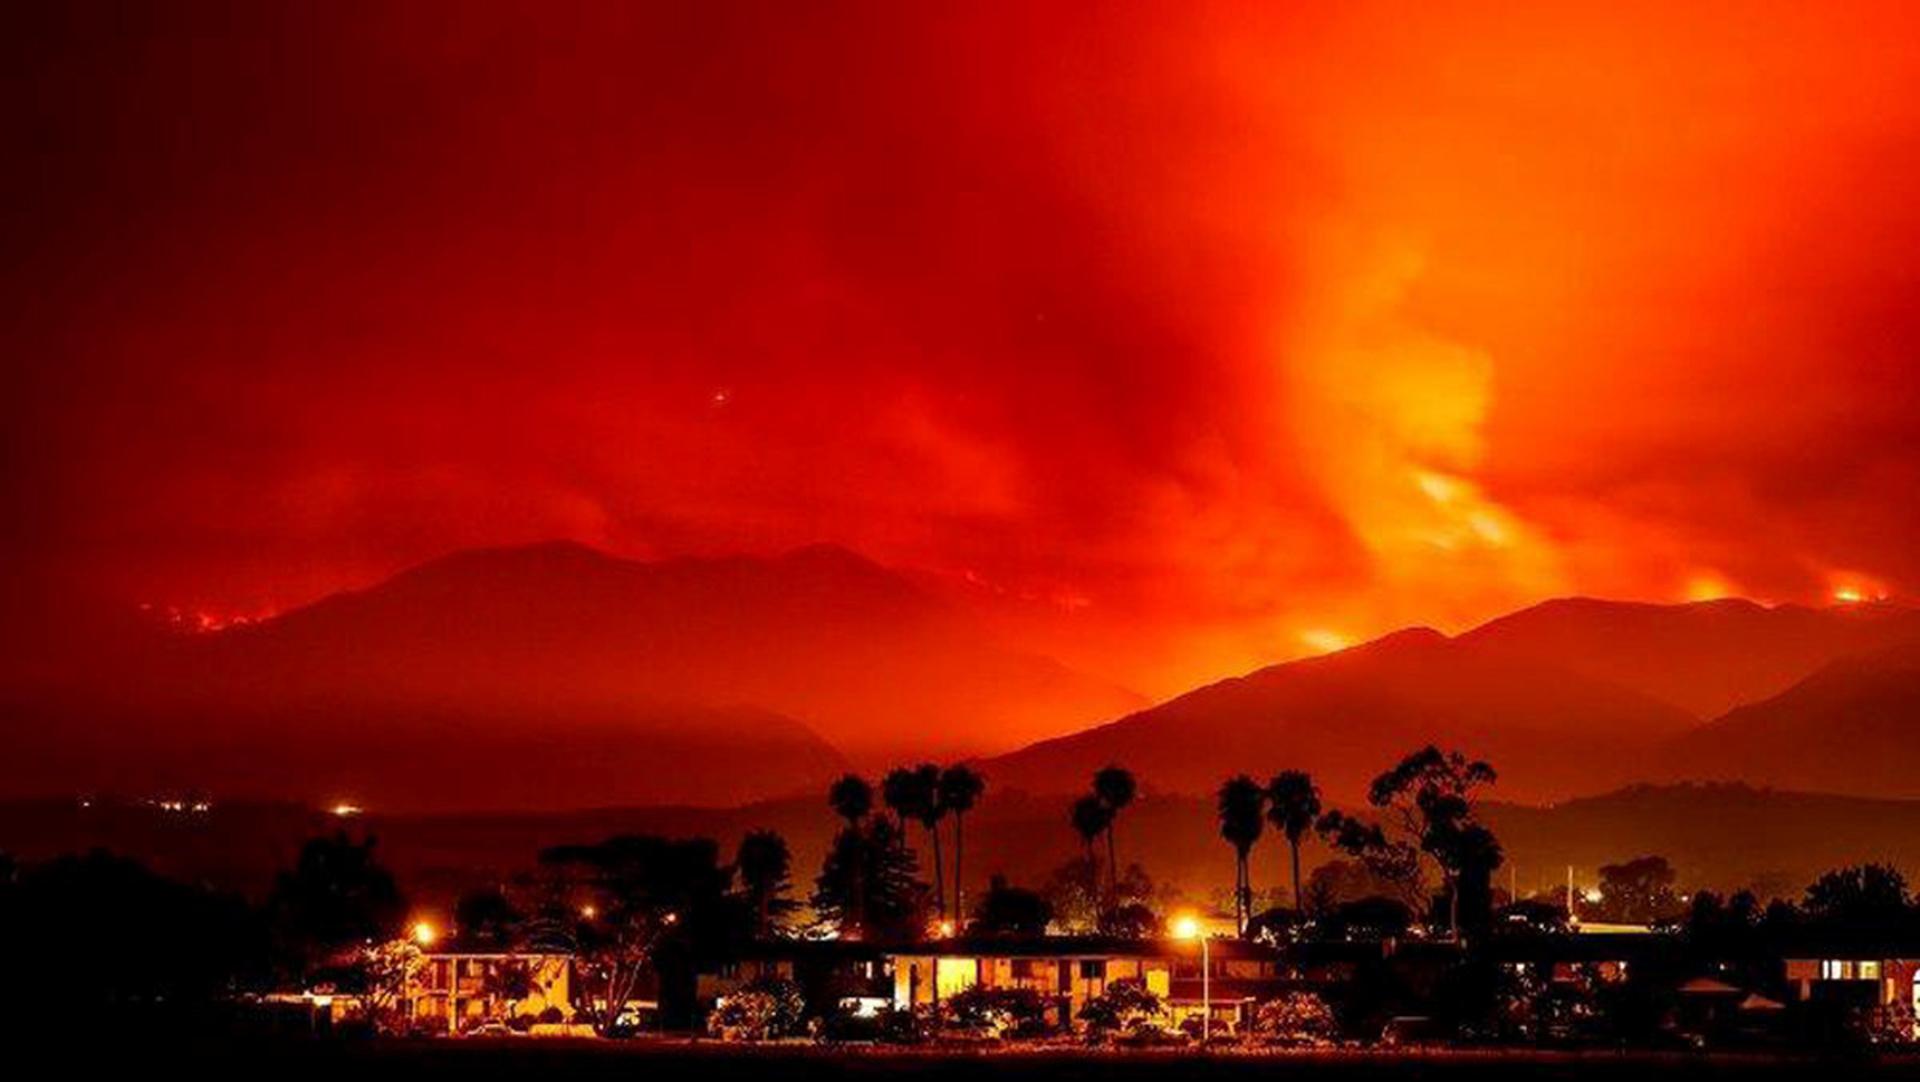 El humo es iluminado por el incendio, cerca de Santa Ynez, California